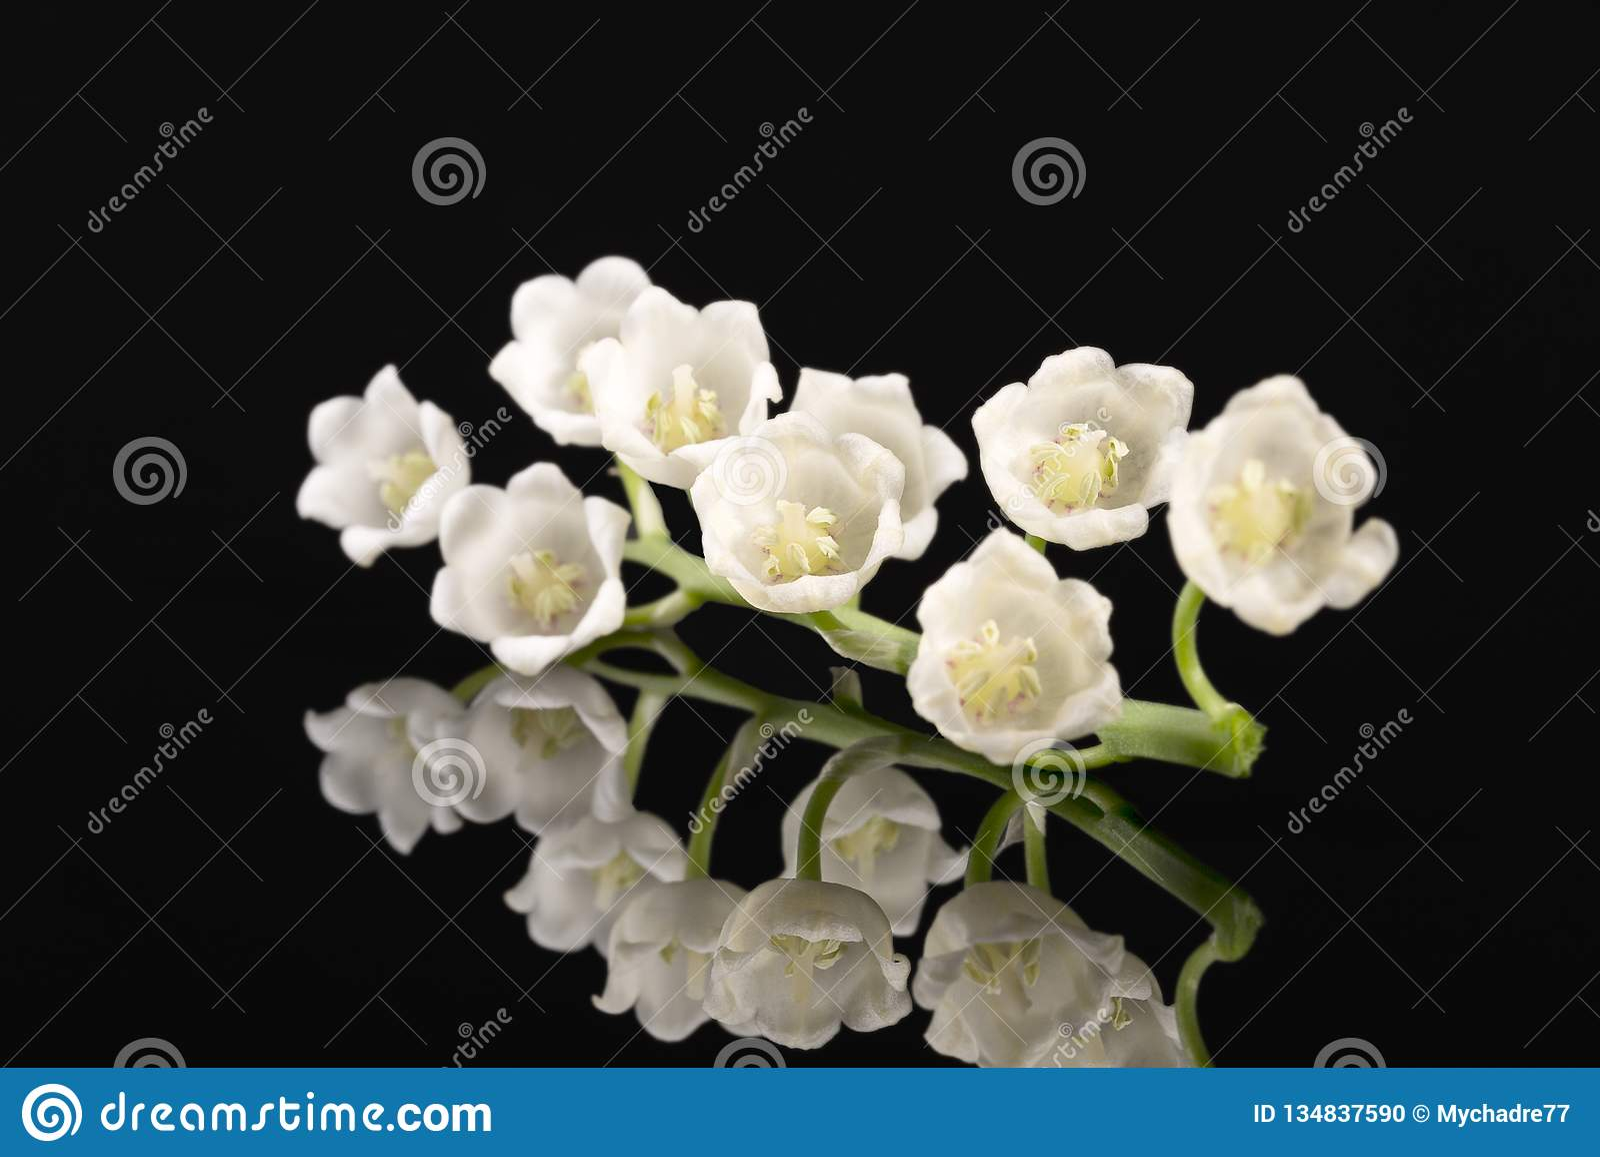 Одиночная хворостина цветков весны ландыша изолированных на черной предпосылке